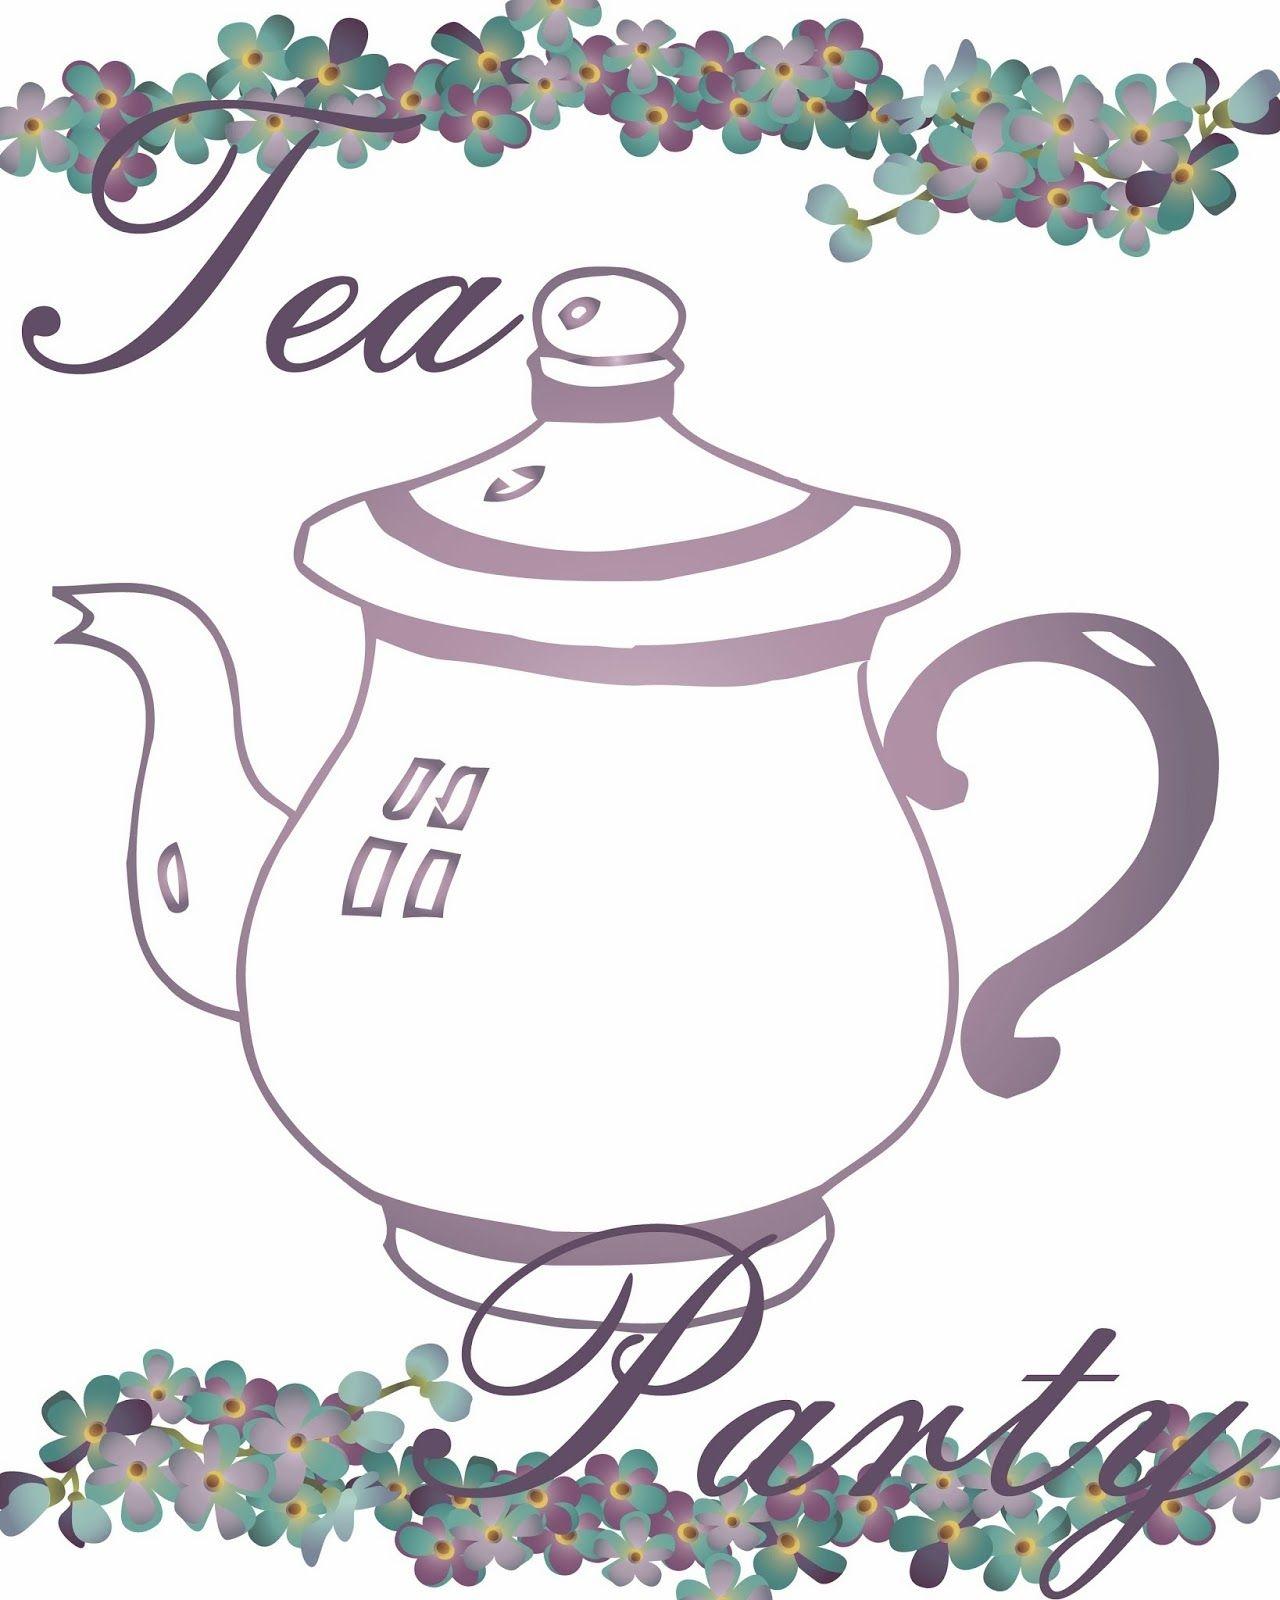 Free Tea Party Printables | Tea Time - Tea Party - Tea Everything - Free Tea Party Printables